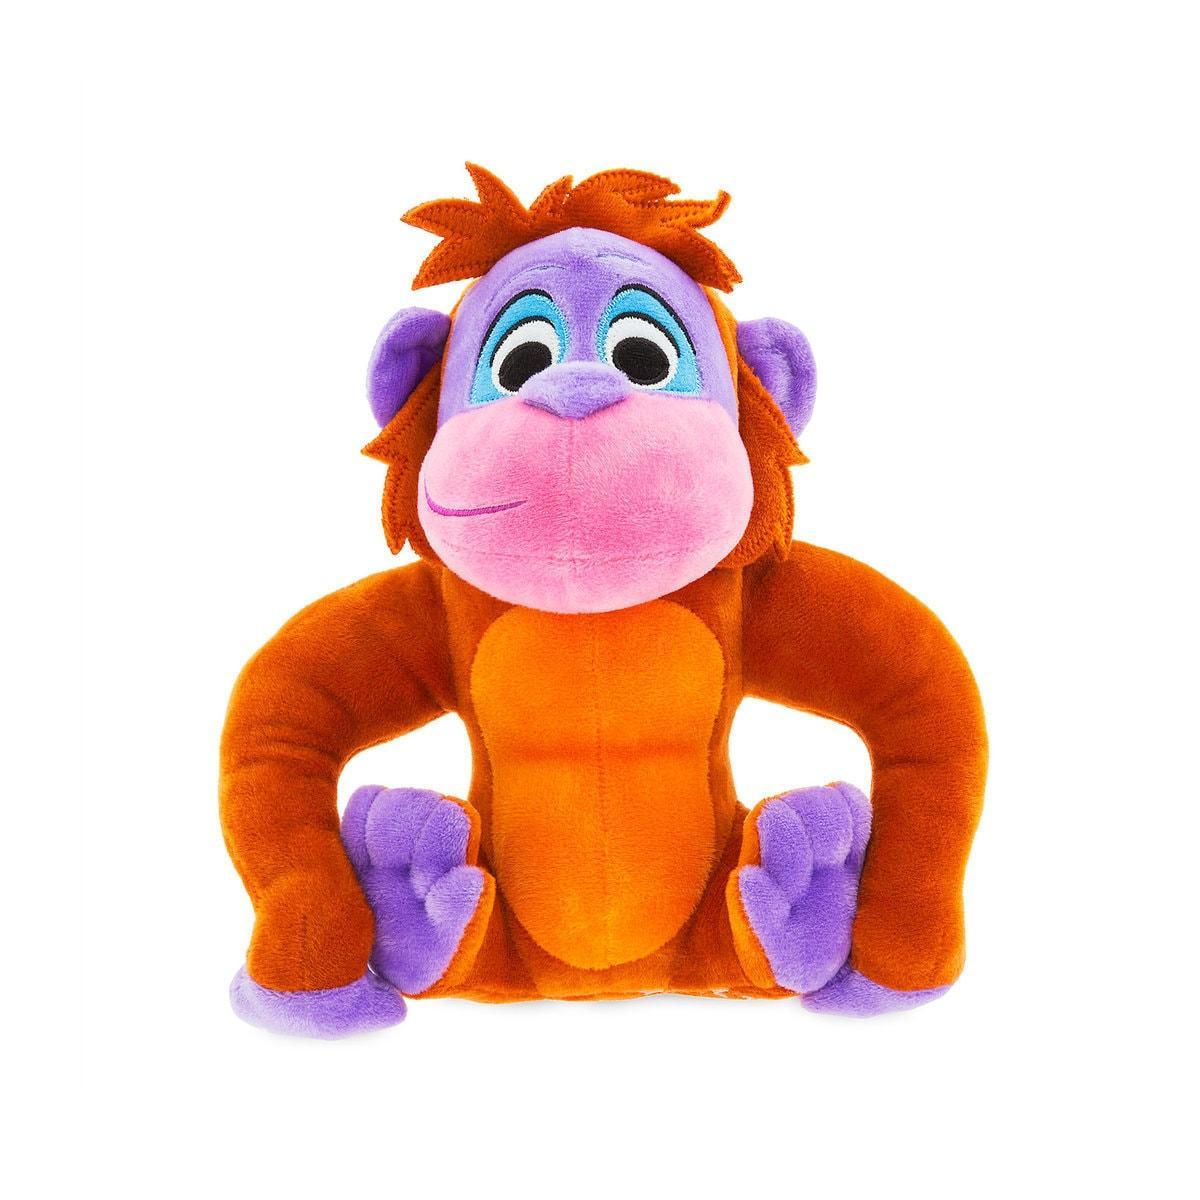 Мягкая игрушка Король Луи обезьяна 23 см Книга Джунглей от Дисней